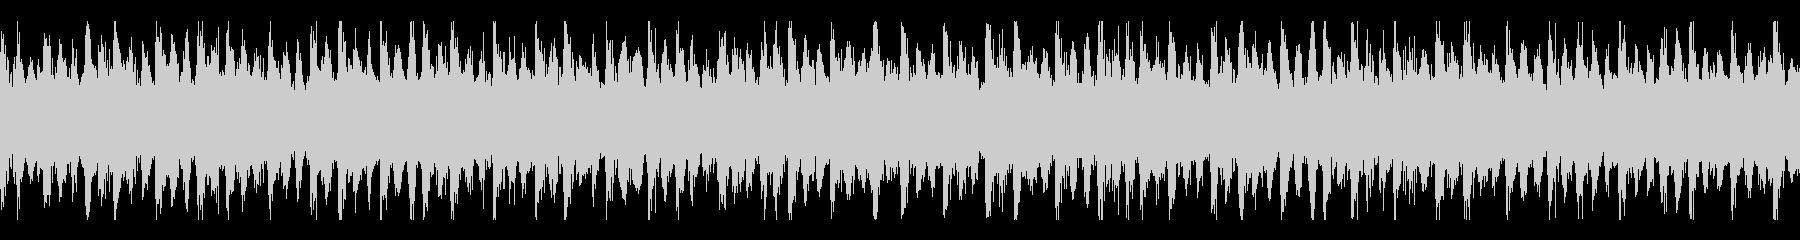 琴/二胡 主体の和風LOOP BGMの未再生の波形